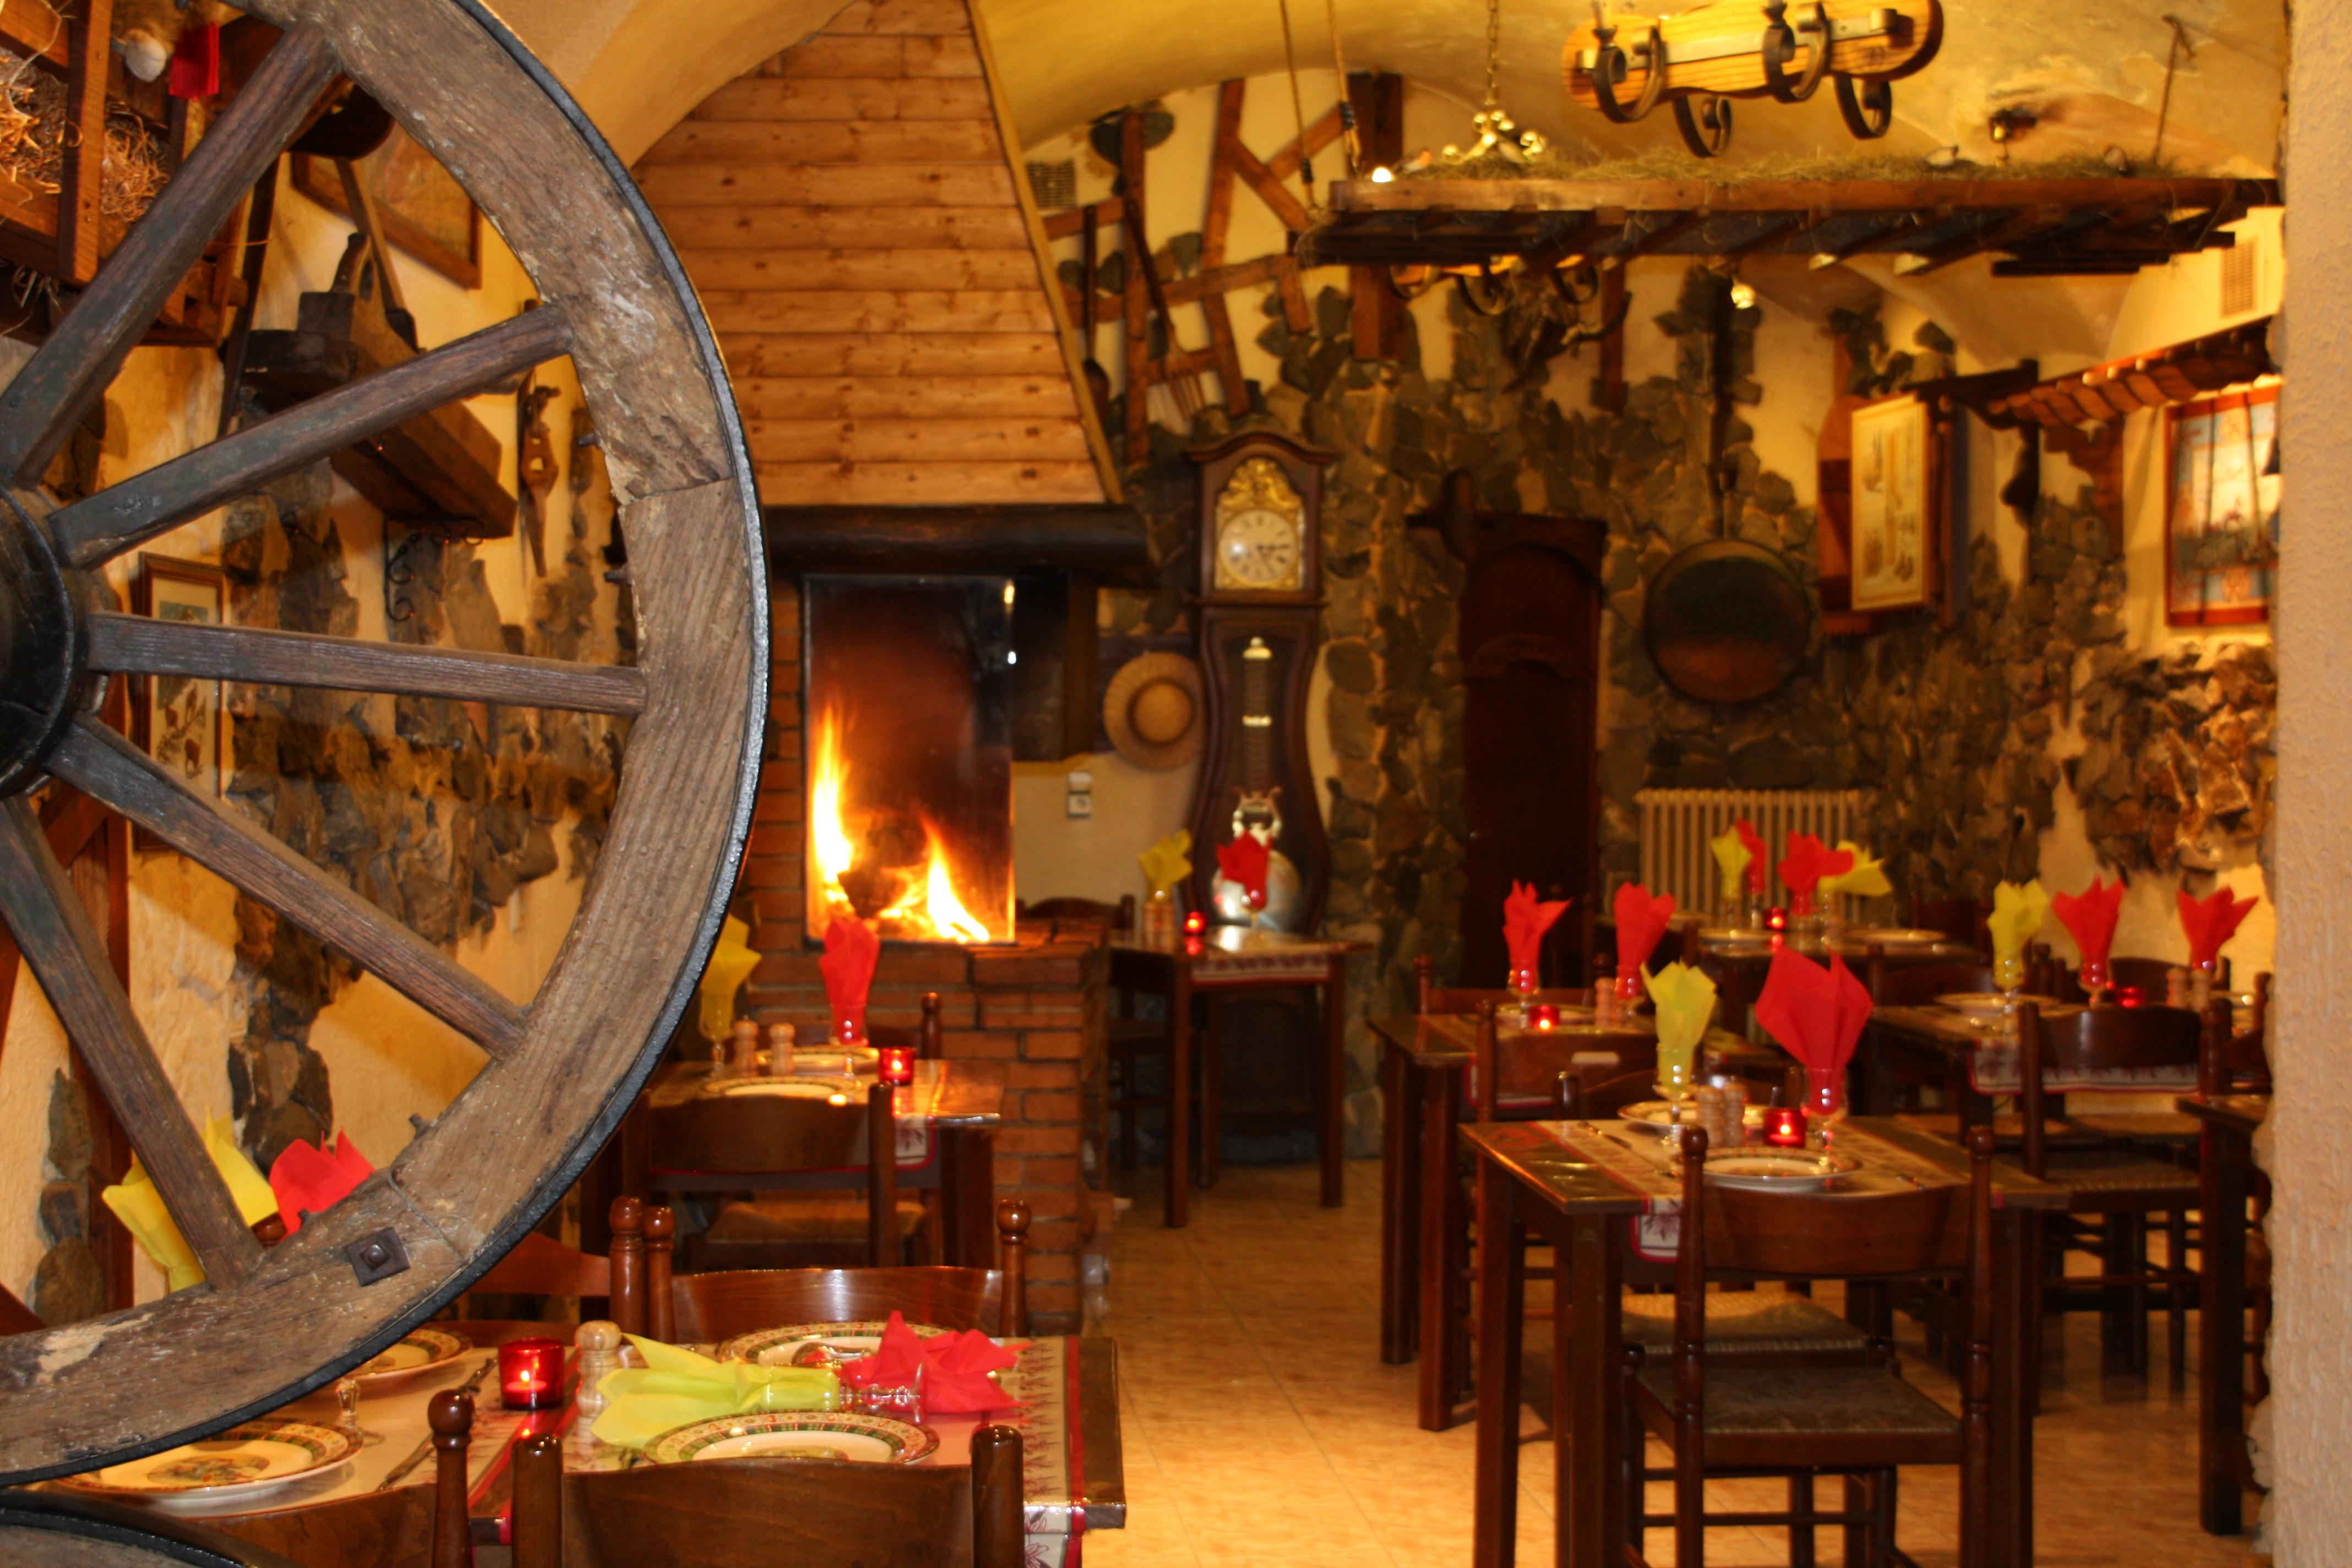 Restaurant bar le central brian on - Bar le central ...